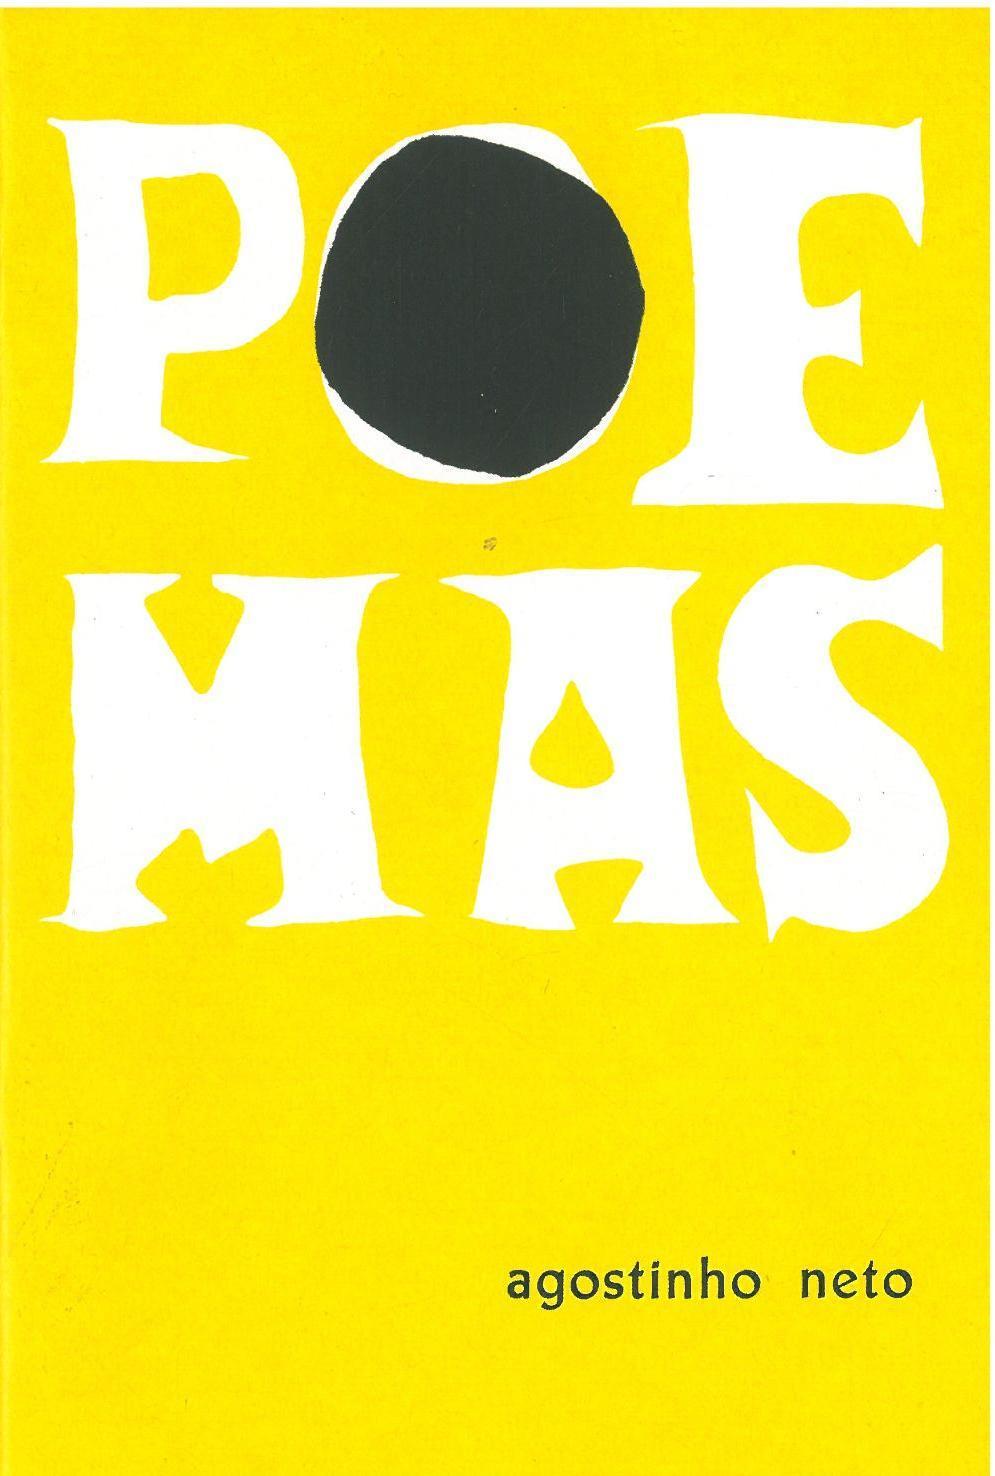 Poemas_Agostinho Neto.jpg